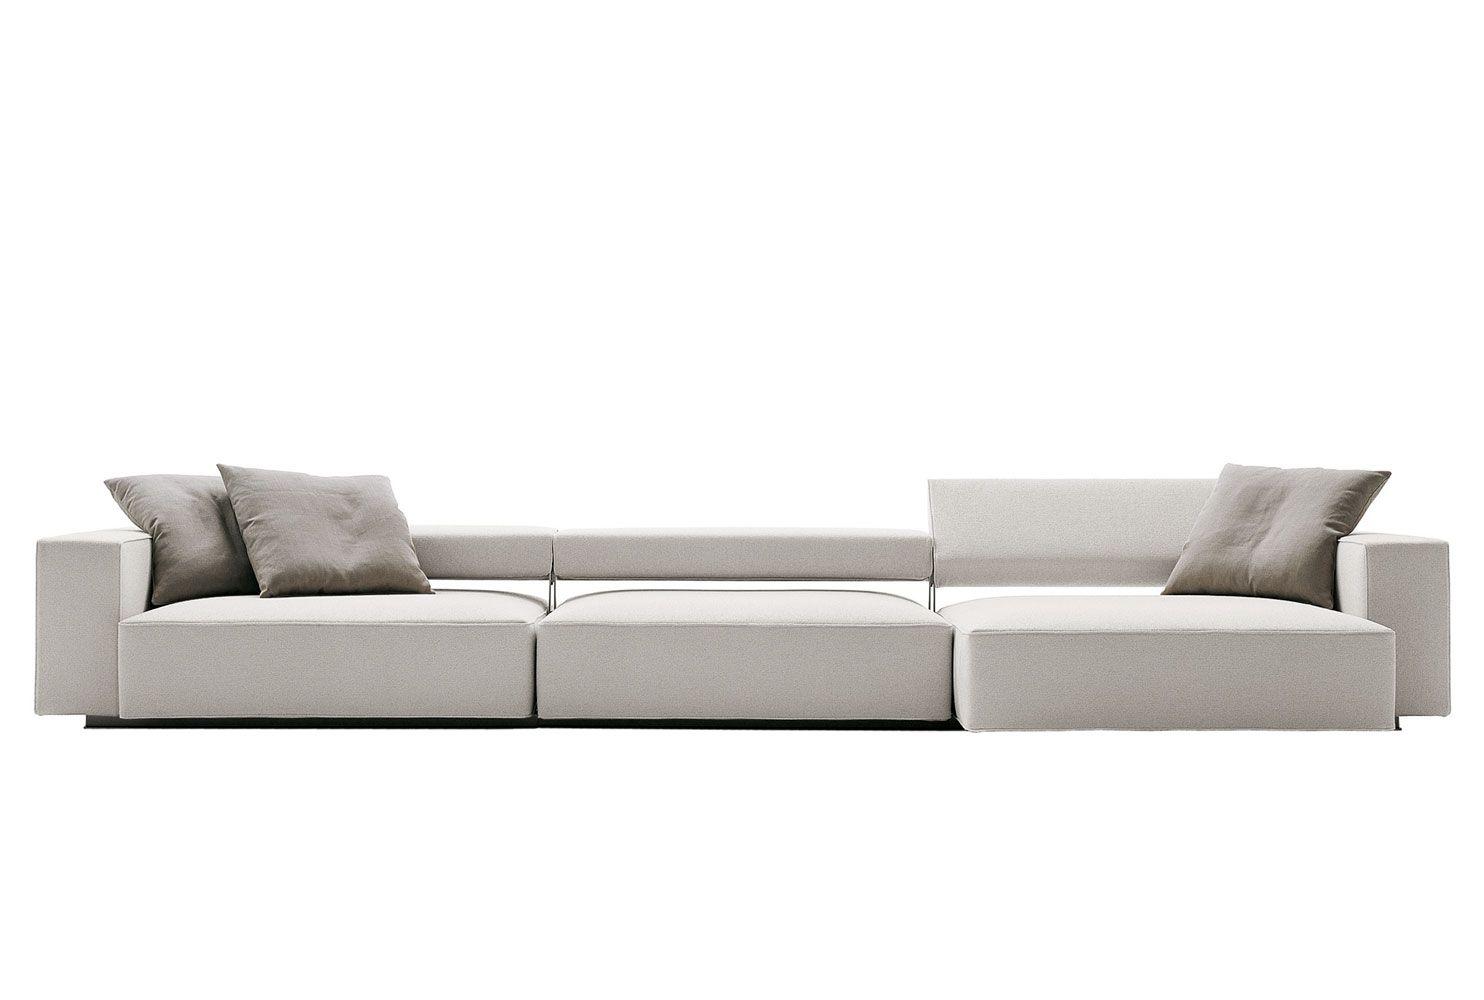 Sofa andy collection b b italia design paolo piva for Mobilia italia